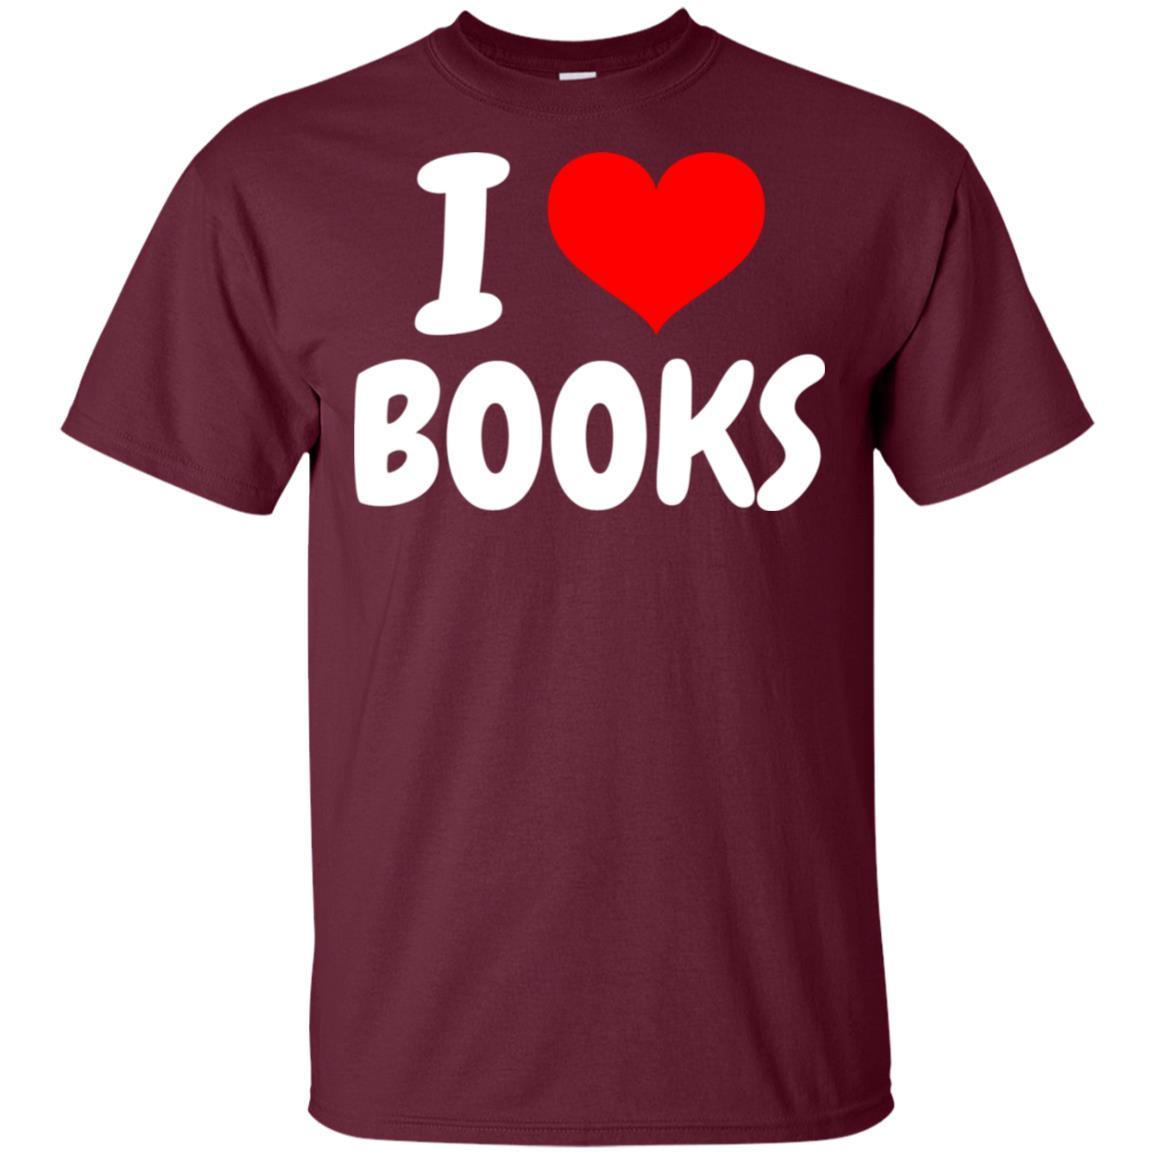 I Love Books Gift Unisex Short Sleeve